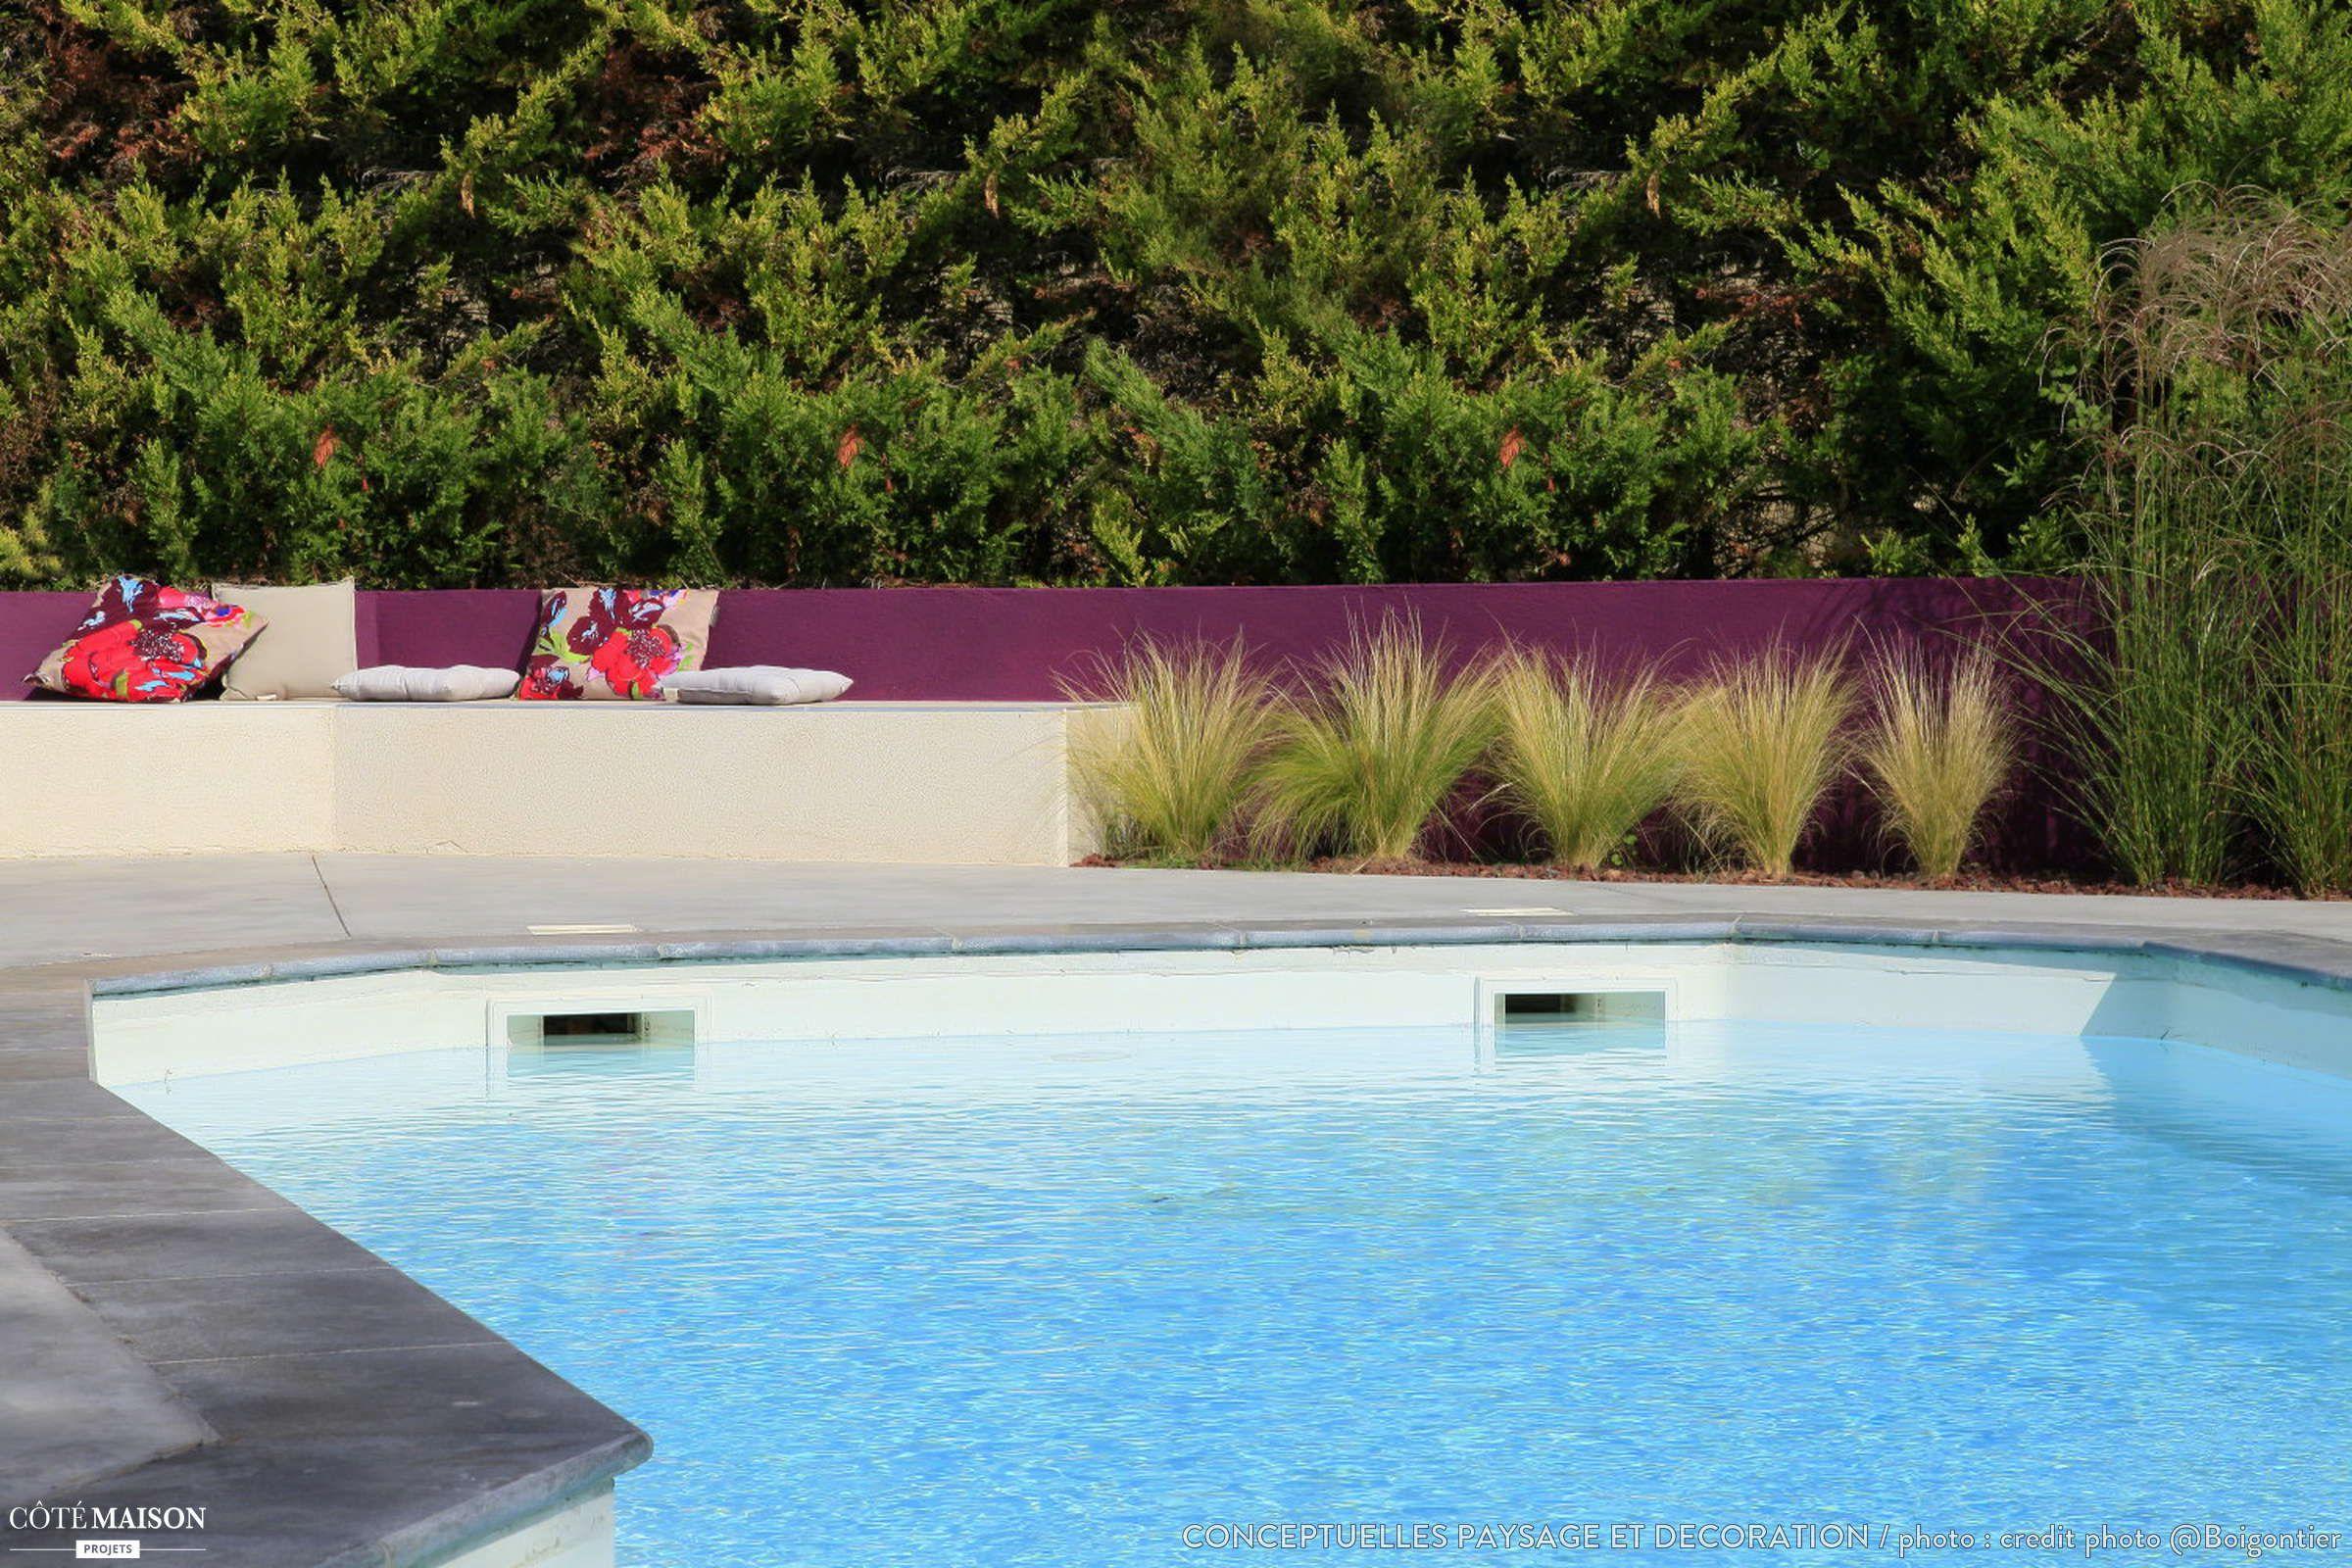 Jardin Aux Multiples Ambiances, Bouc-Bel-Air, Conceptuelles ... tout Refaire Son Jardin Paysagiste